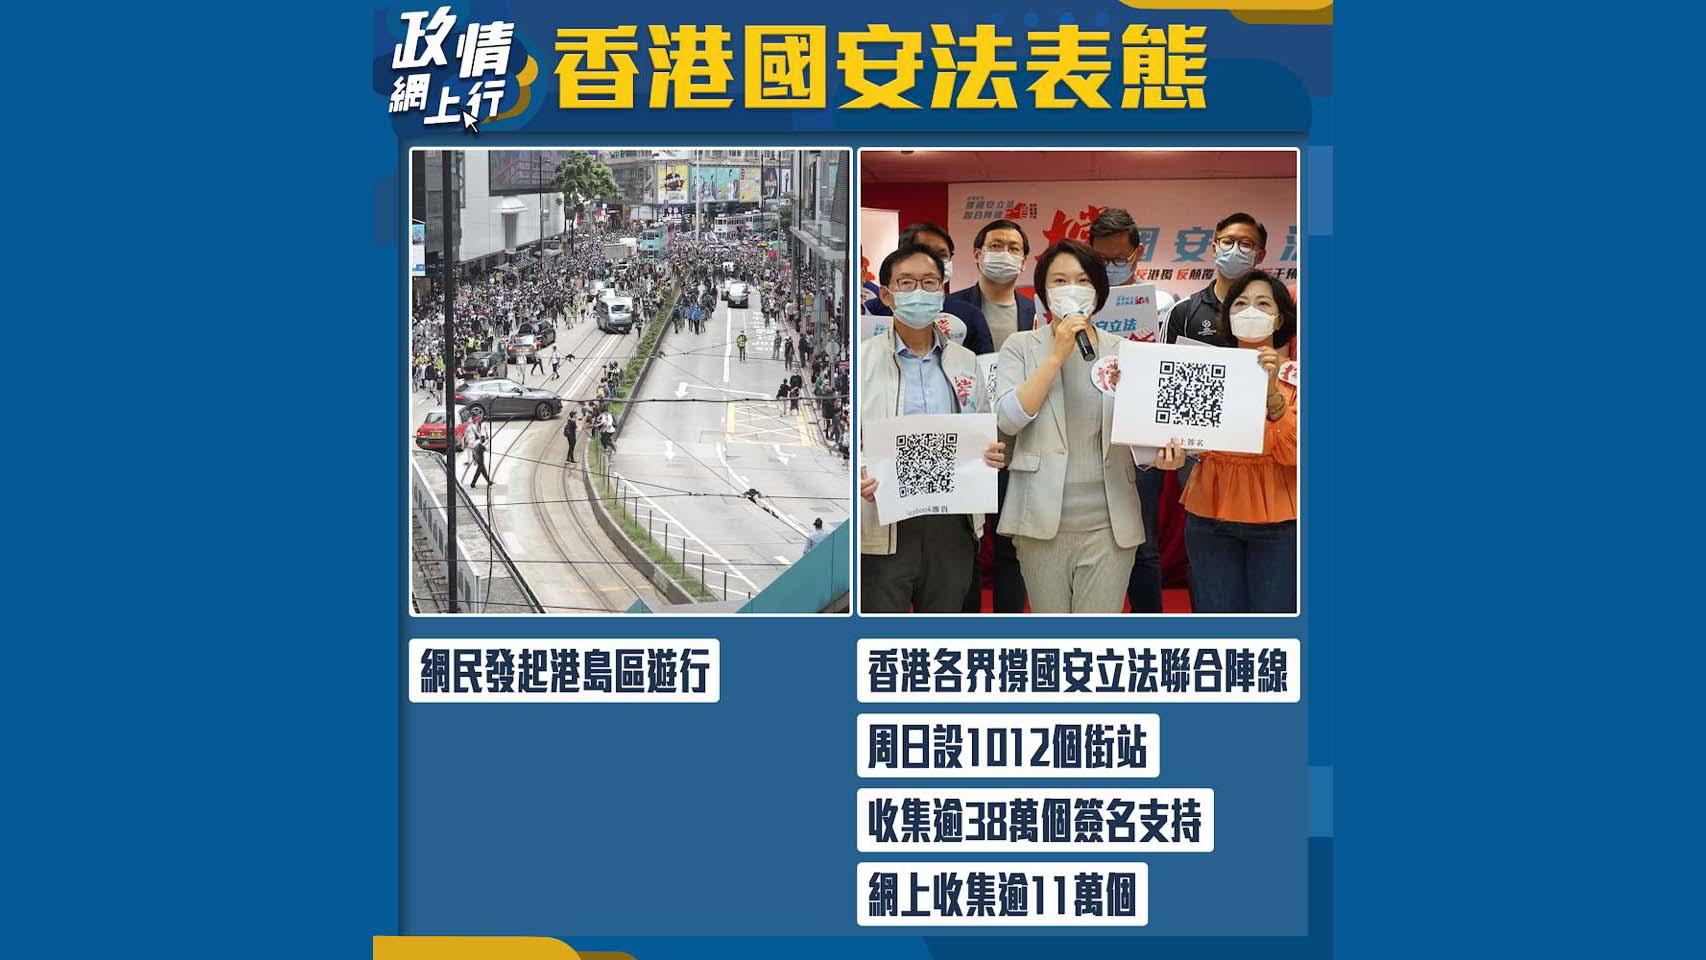 【政情網上行】香港國安法表態